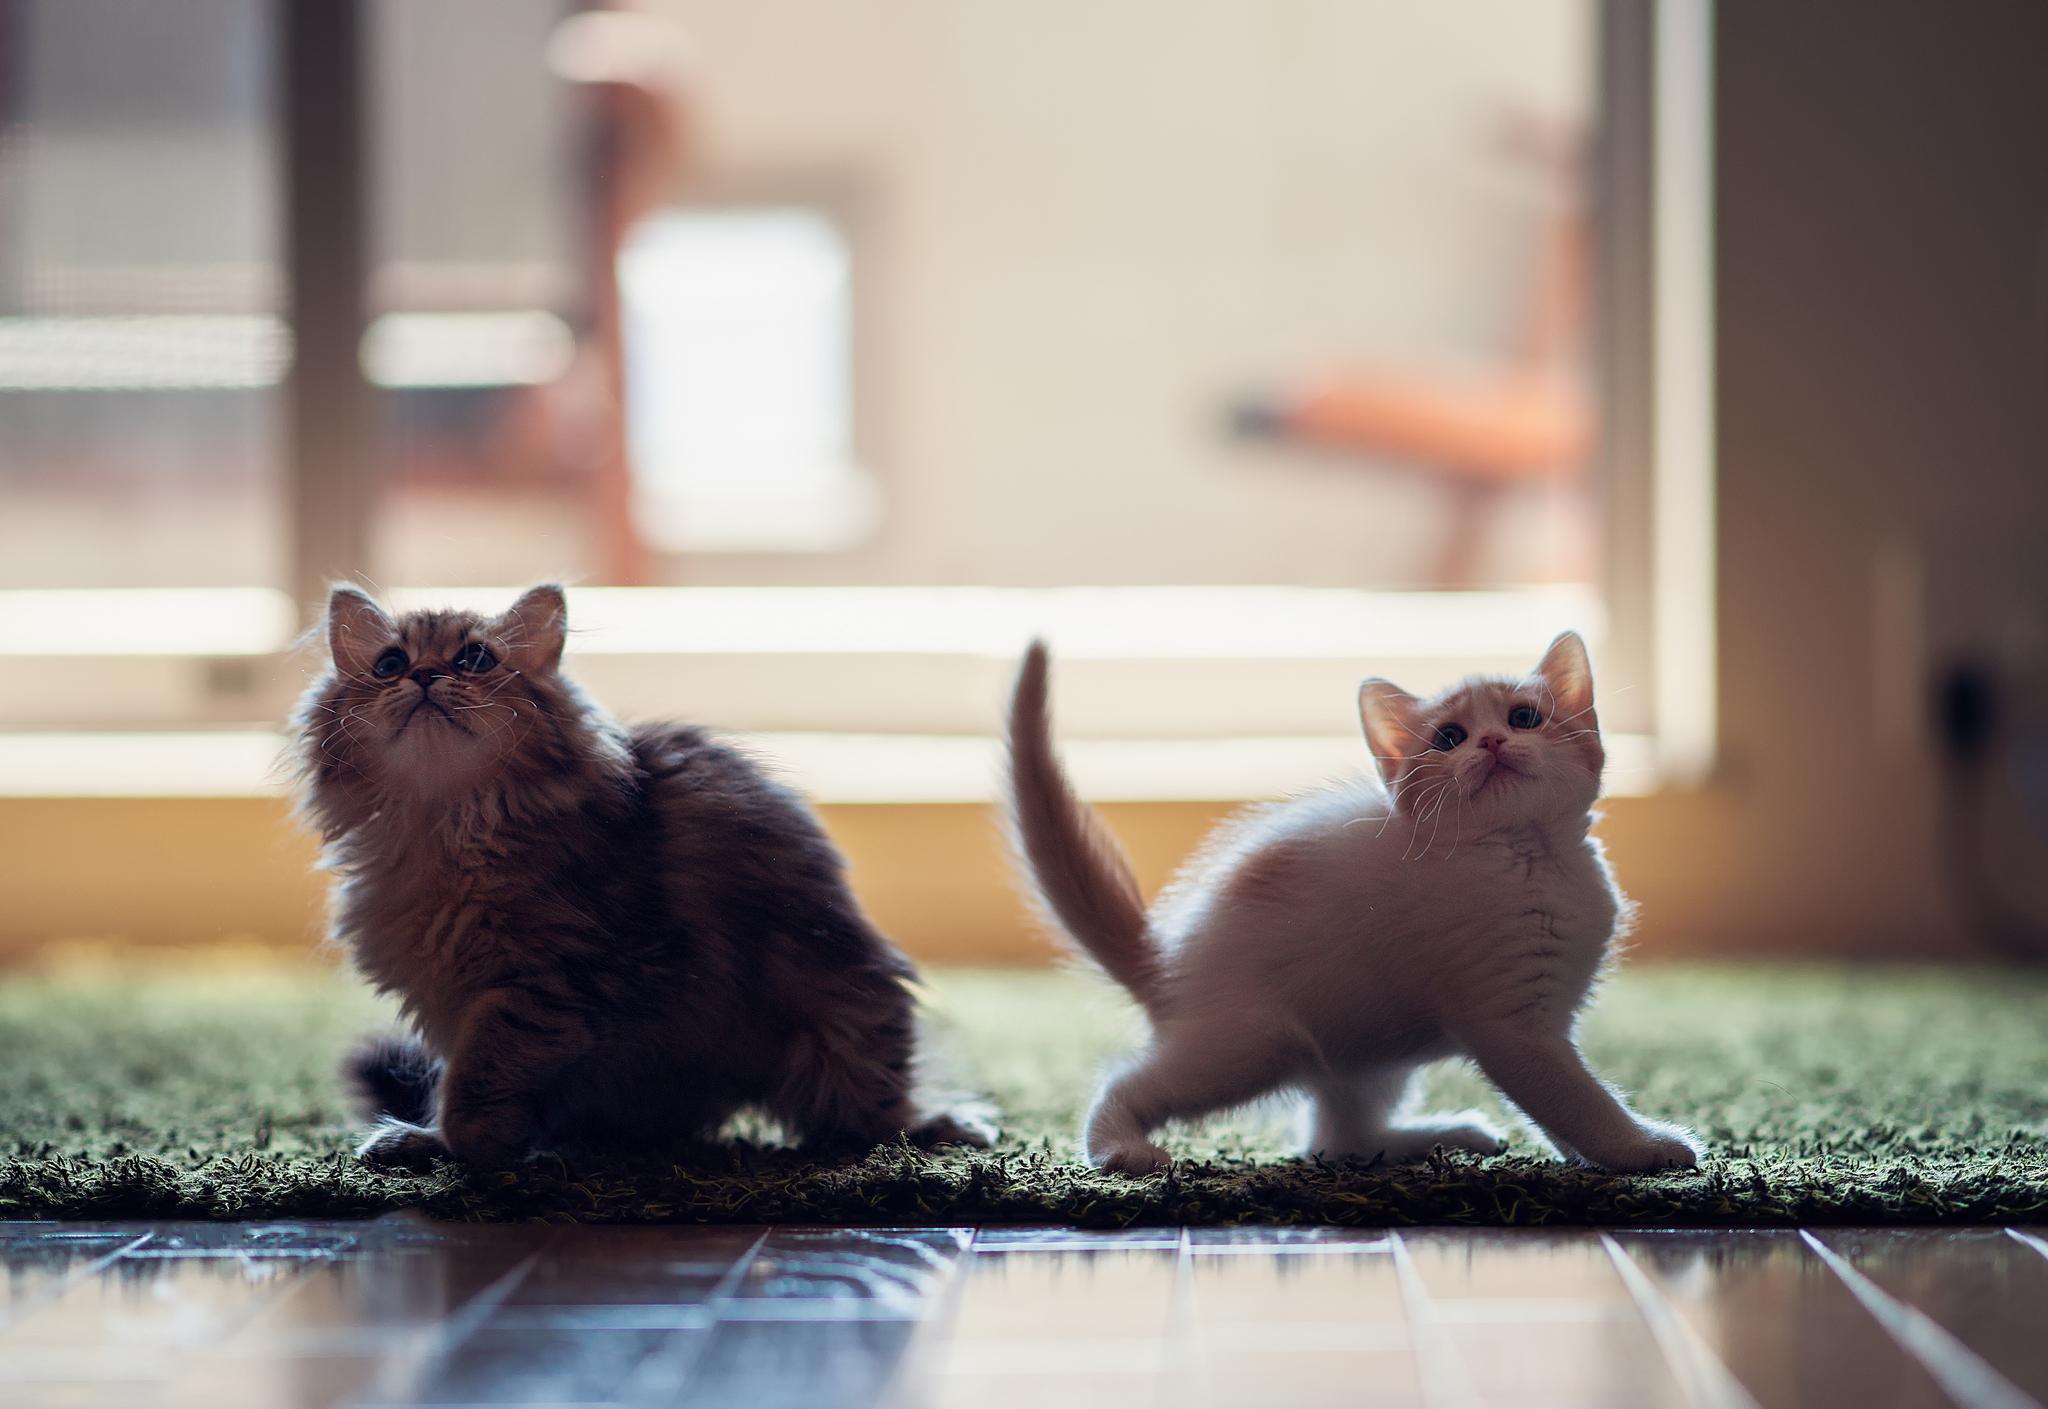 спрашивают мимимишные котята картинки надо кричать